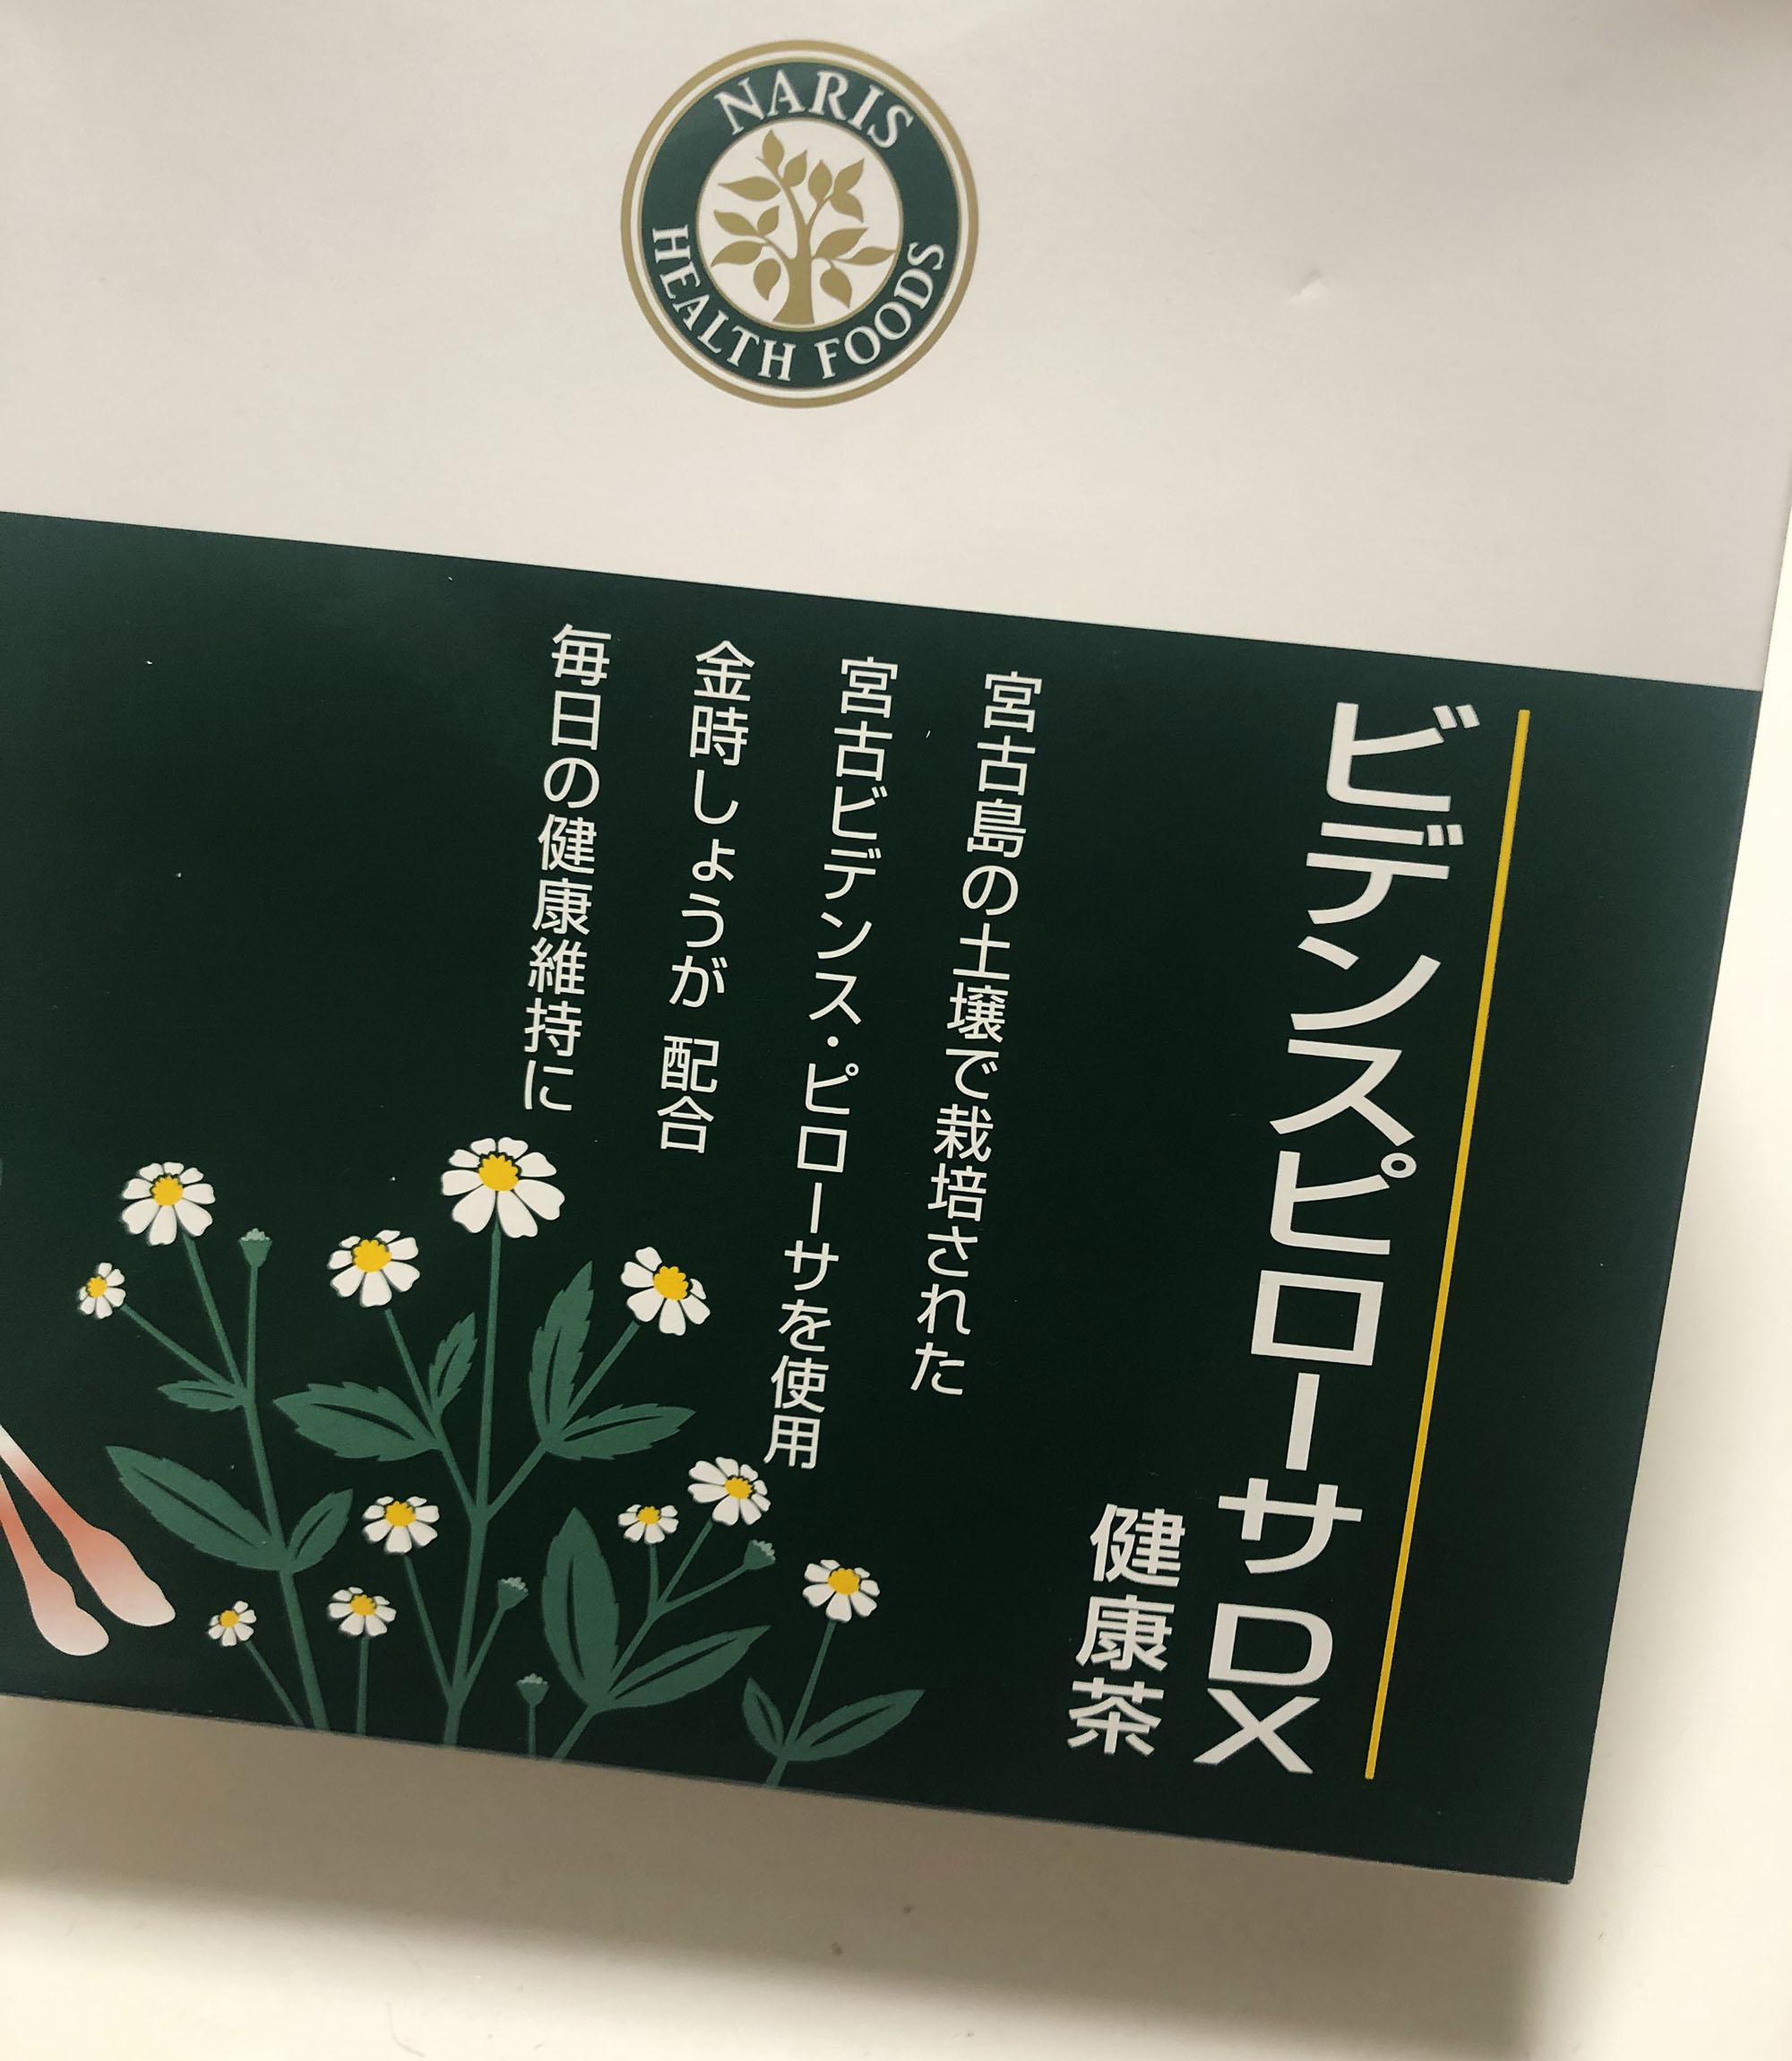 「宮古ビデンスピローサ」が大注目★宮古島で無農薬栽培!気になる症状に◎ / CELEBRATIONS maki